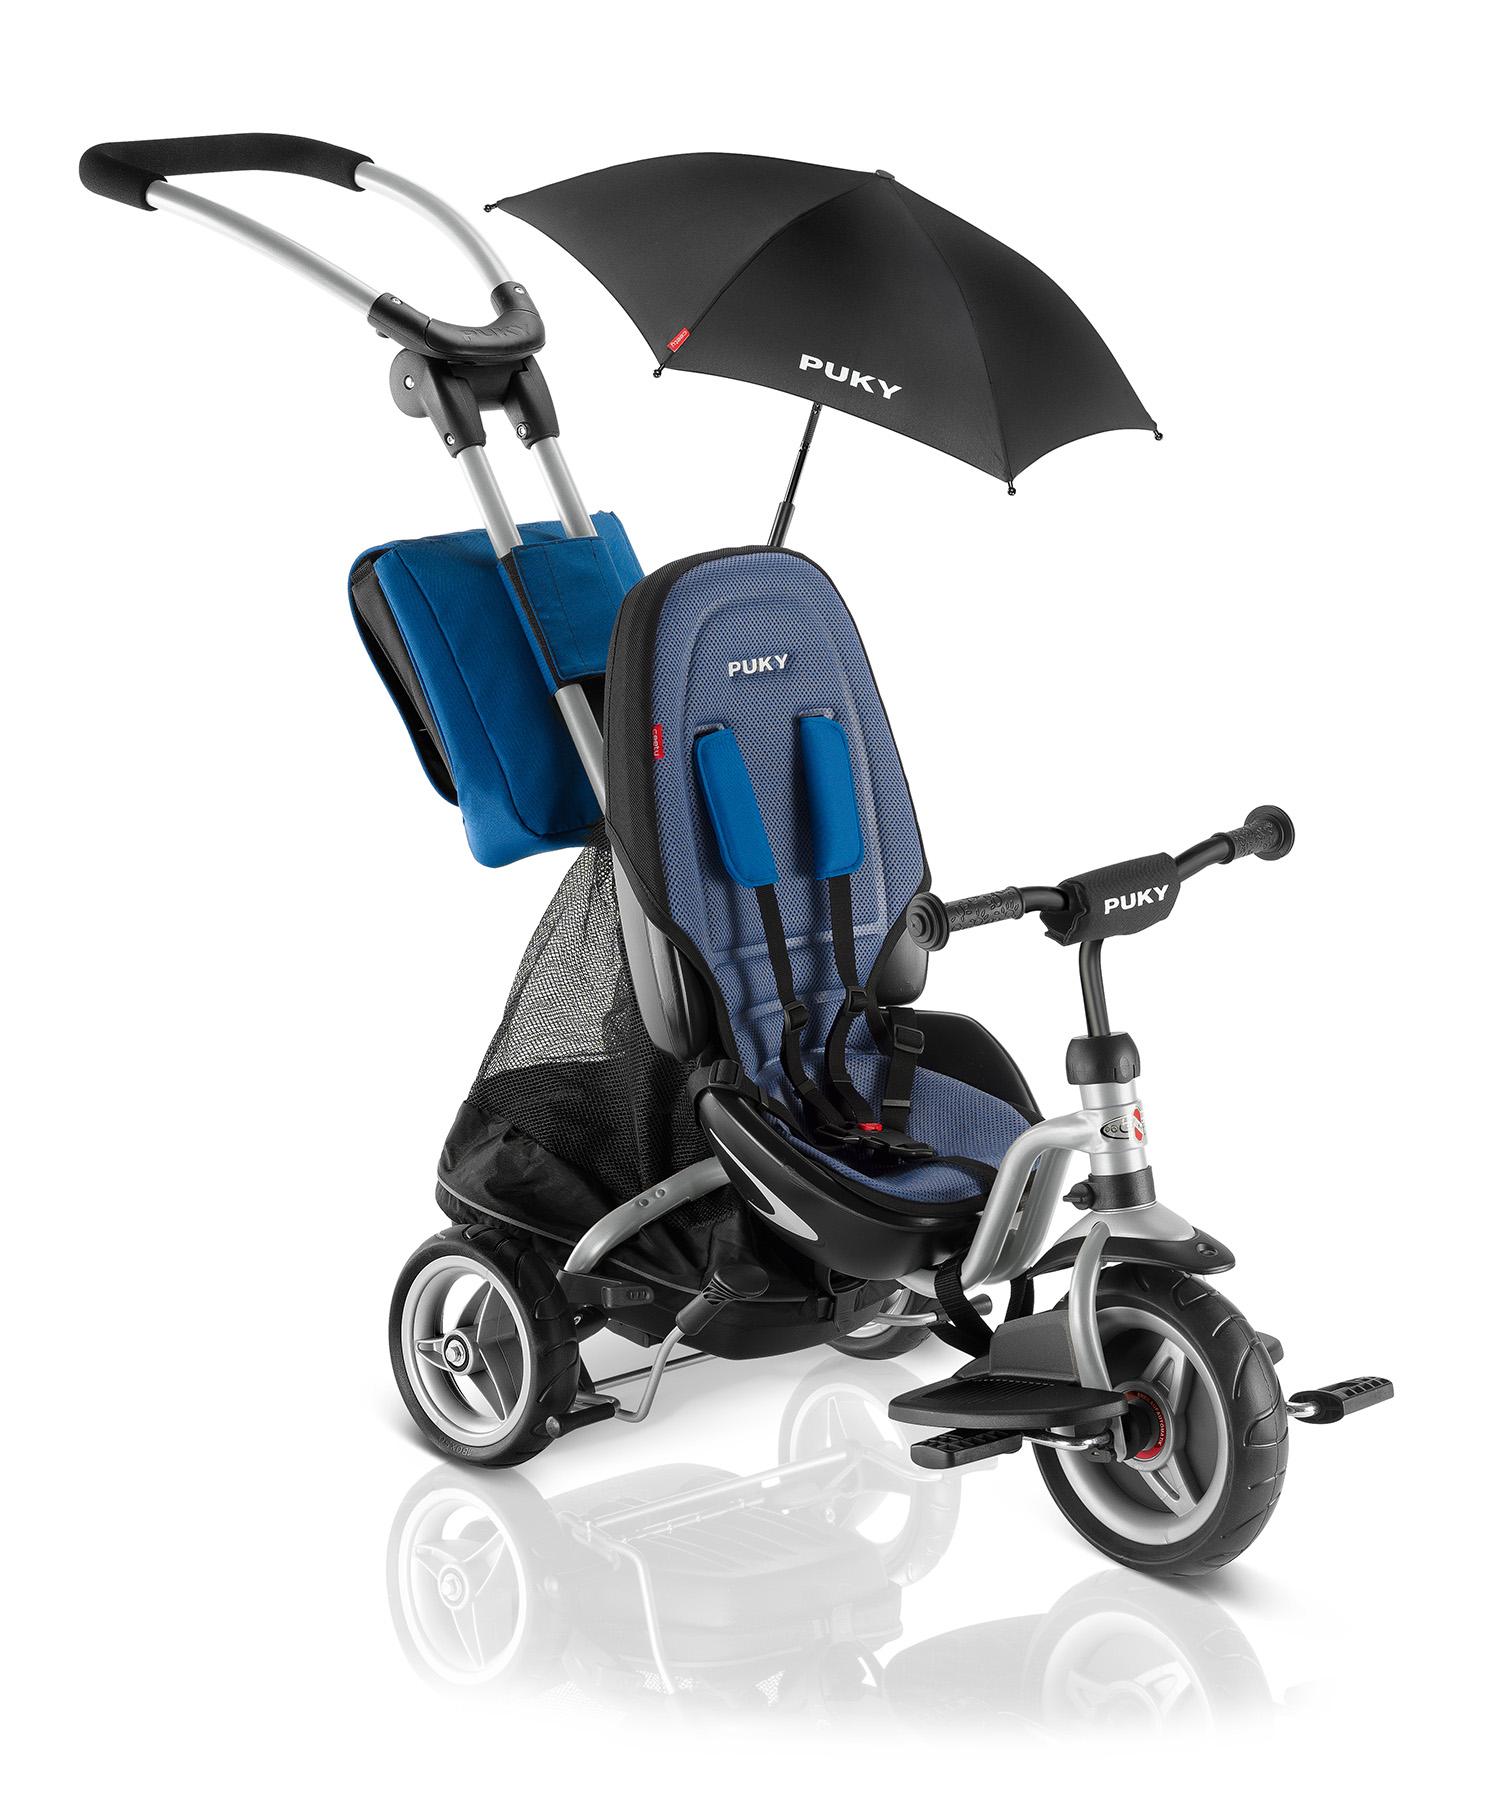 Купить Трехколесный велосипед Puky CAT S6 Ceety 2018 серебристый, синий, Велосипед трехколесный Puky CAT S6 Ceety 2018 серебристый,